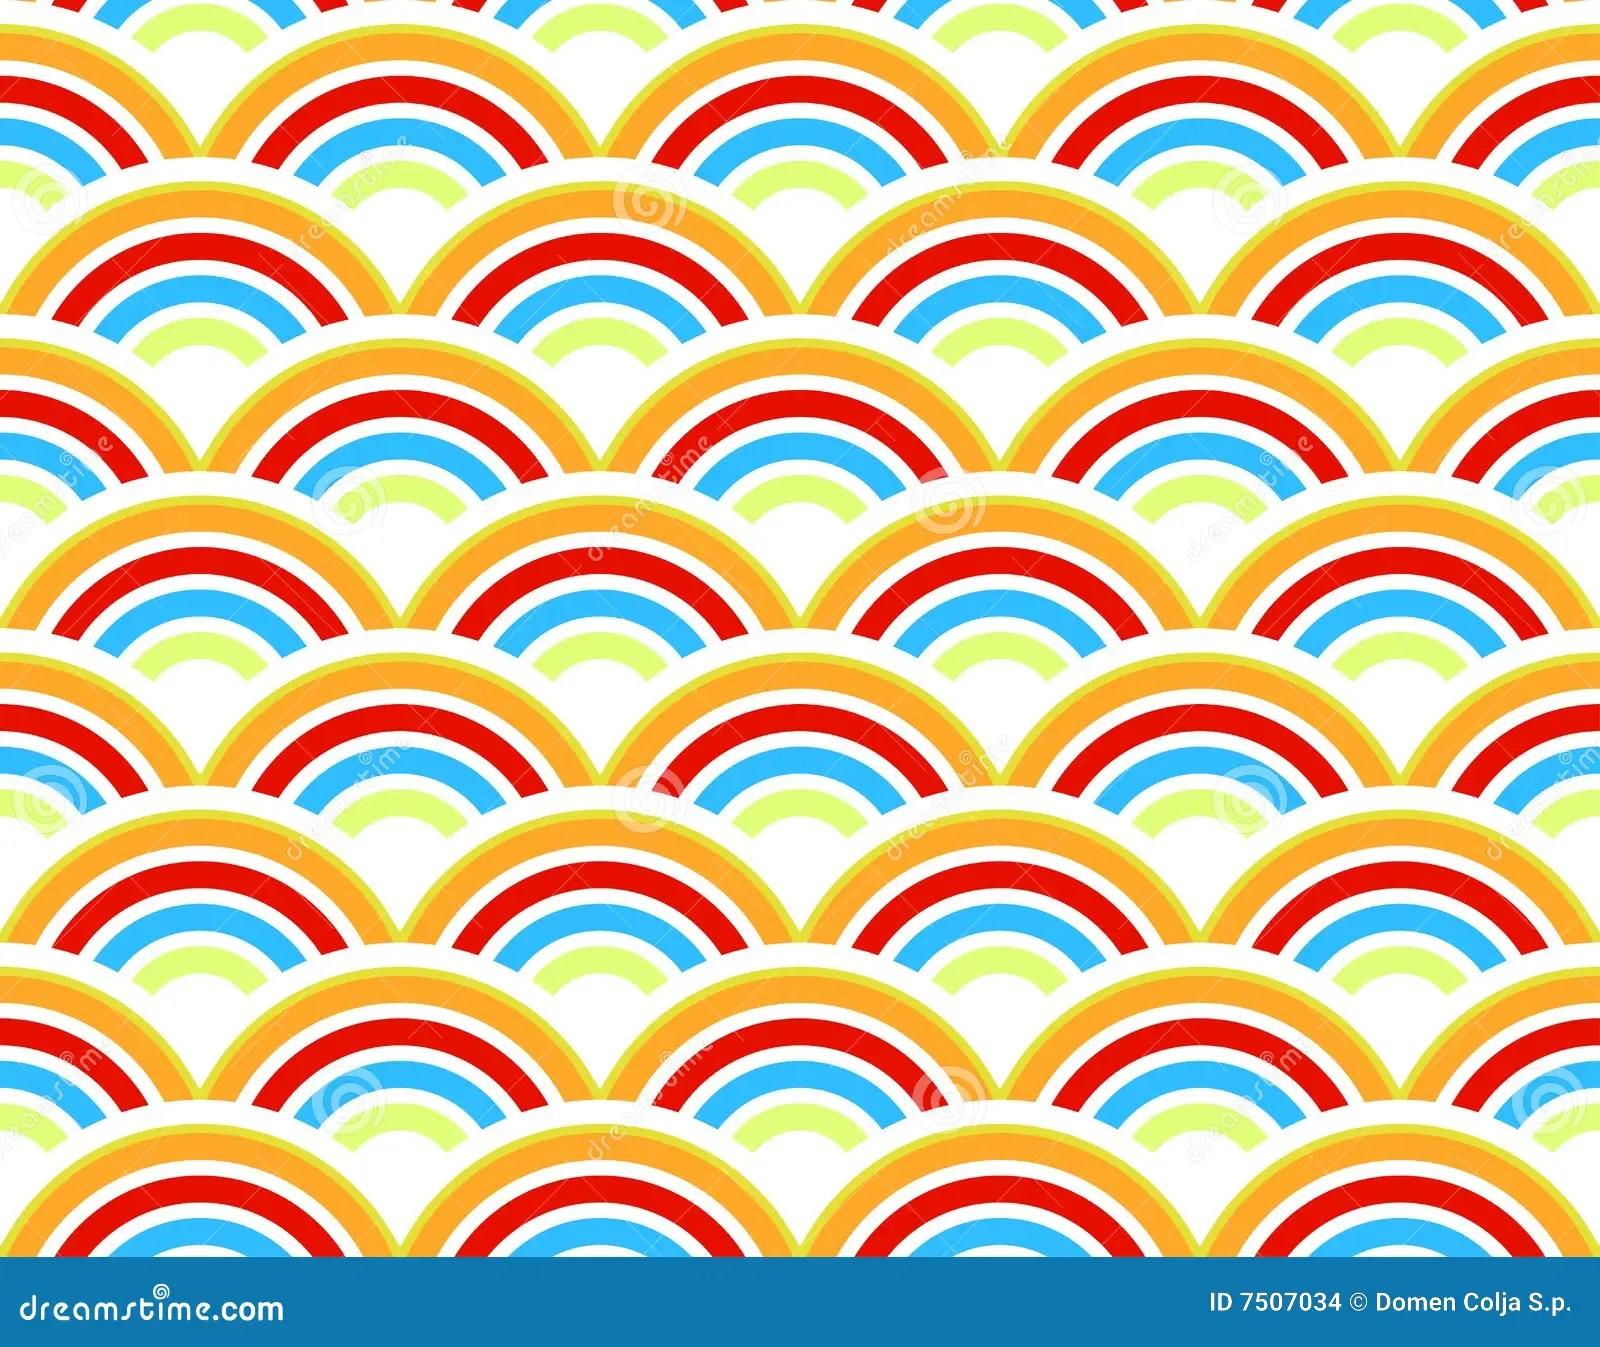 Rainbows Seamless Pattern Stock Vector Illustration Of